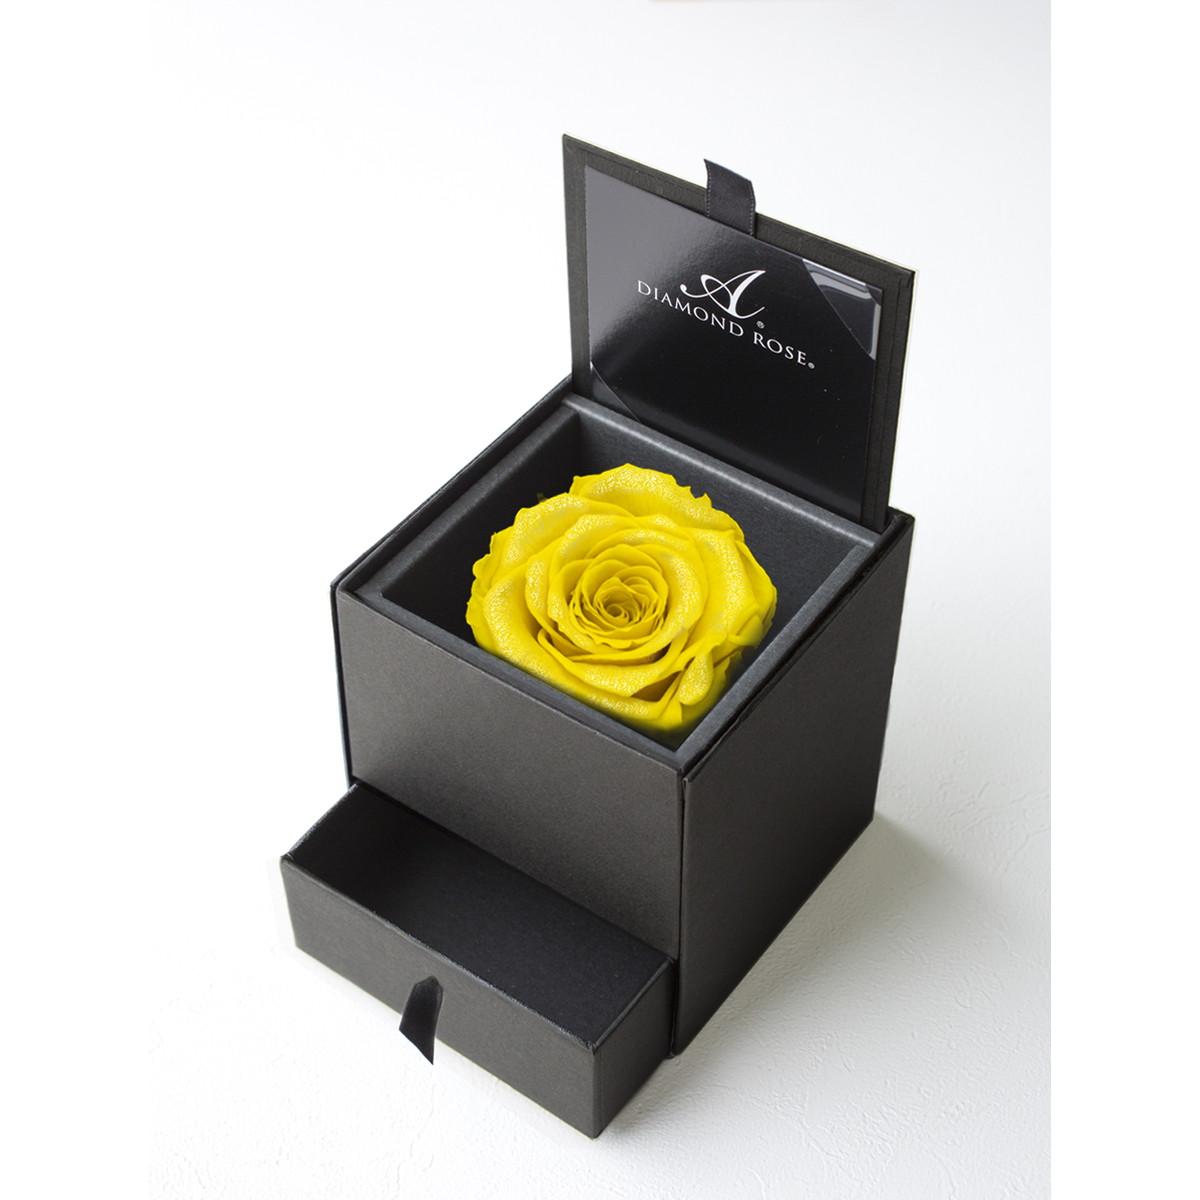 【プリザーブドフラワー】アモローサ/ダイヤモンドローズボックス 90(箱:マットブラック) シトラスイエロー/1207-41【07】【取寄】[6箱]